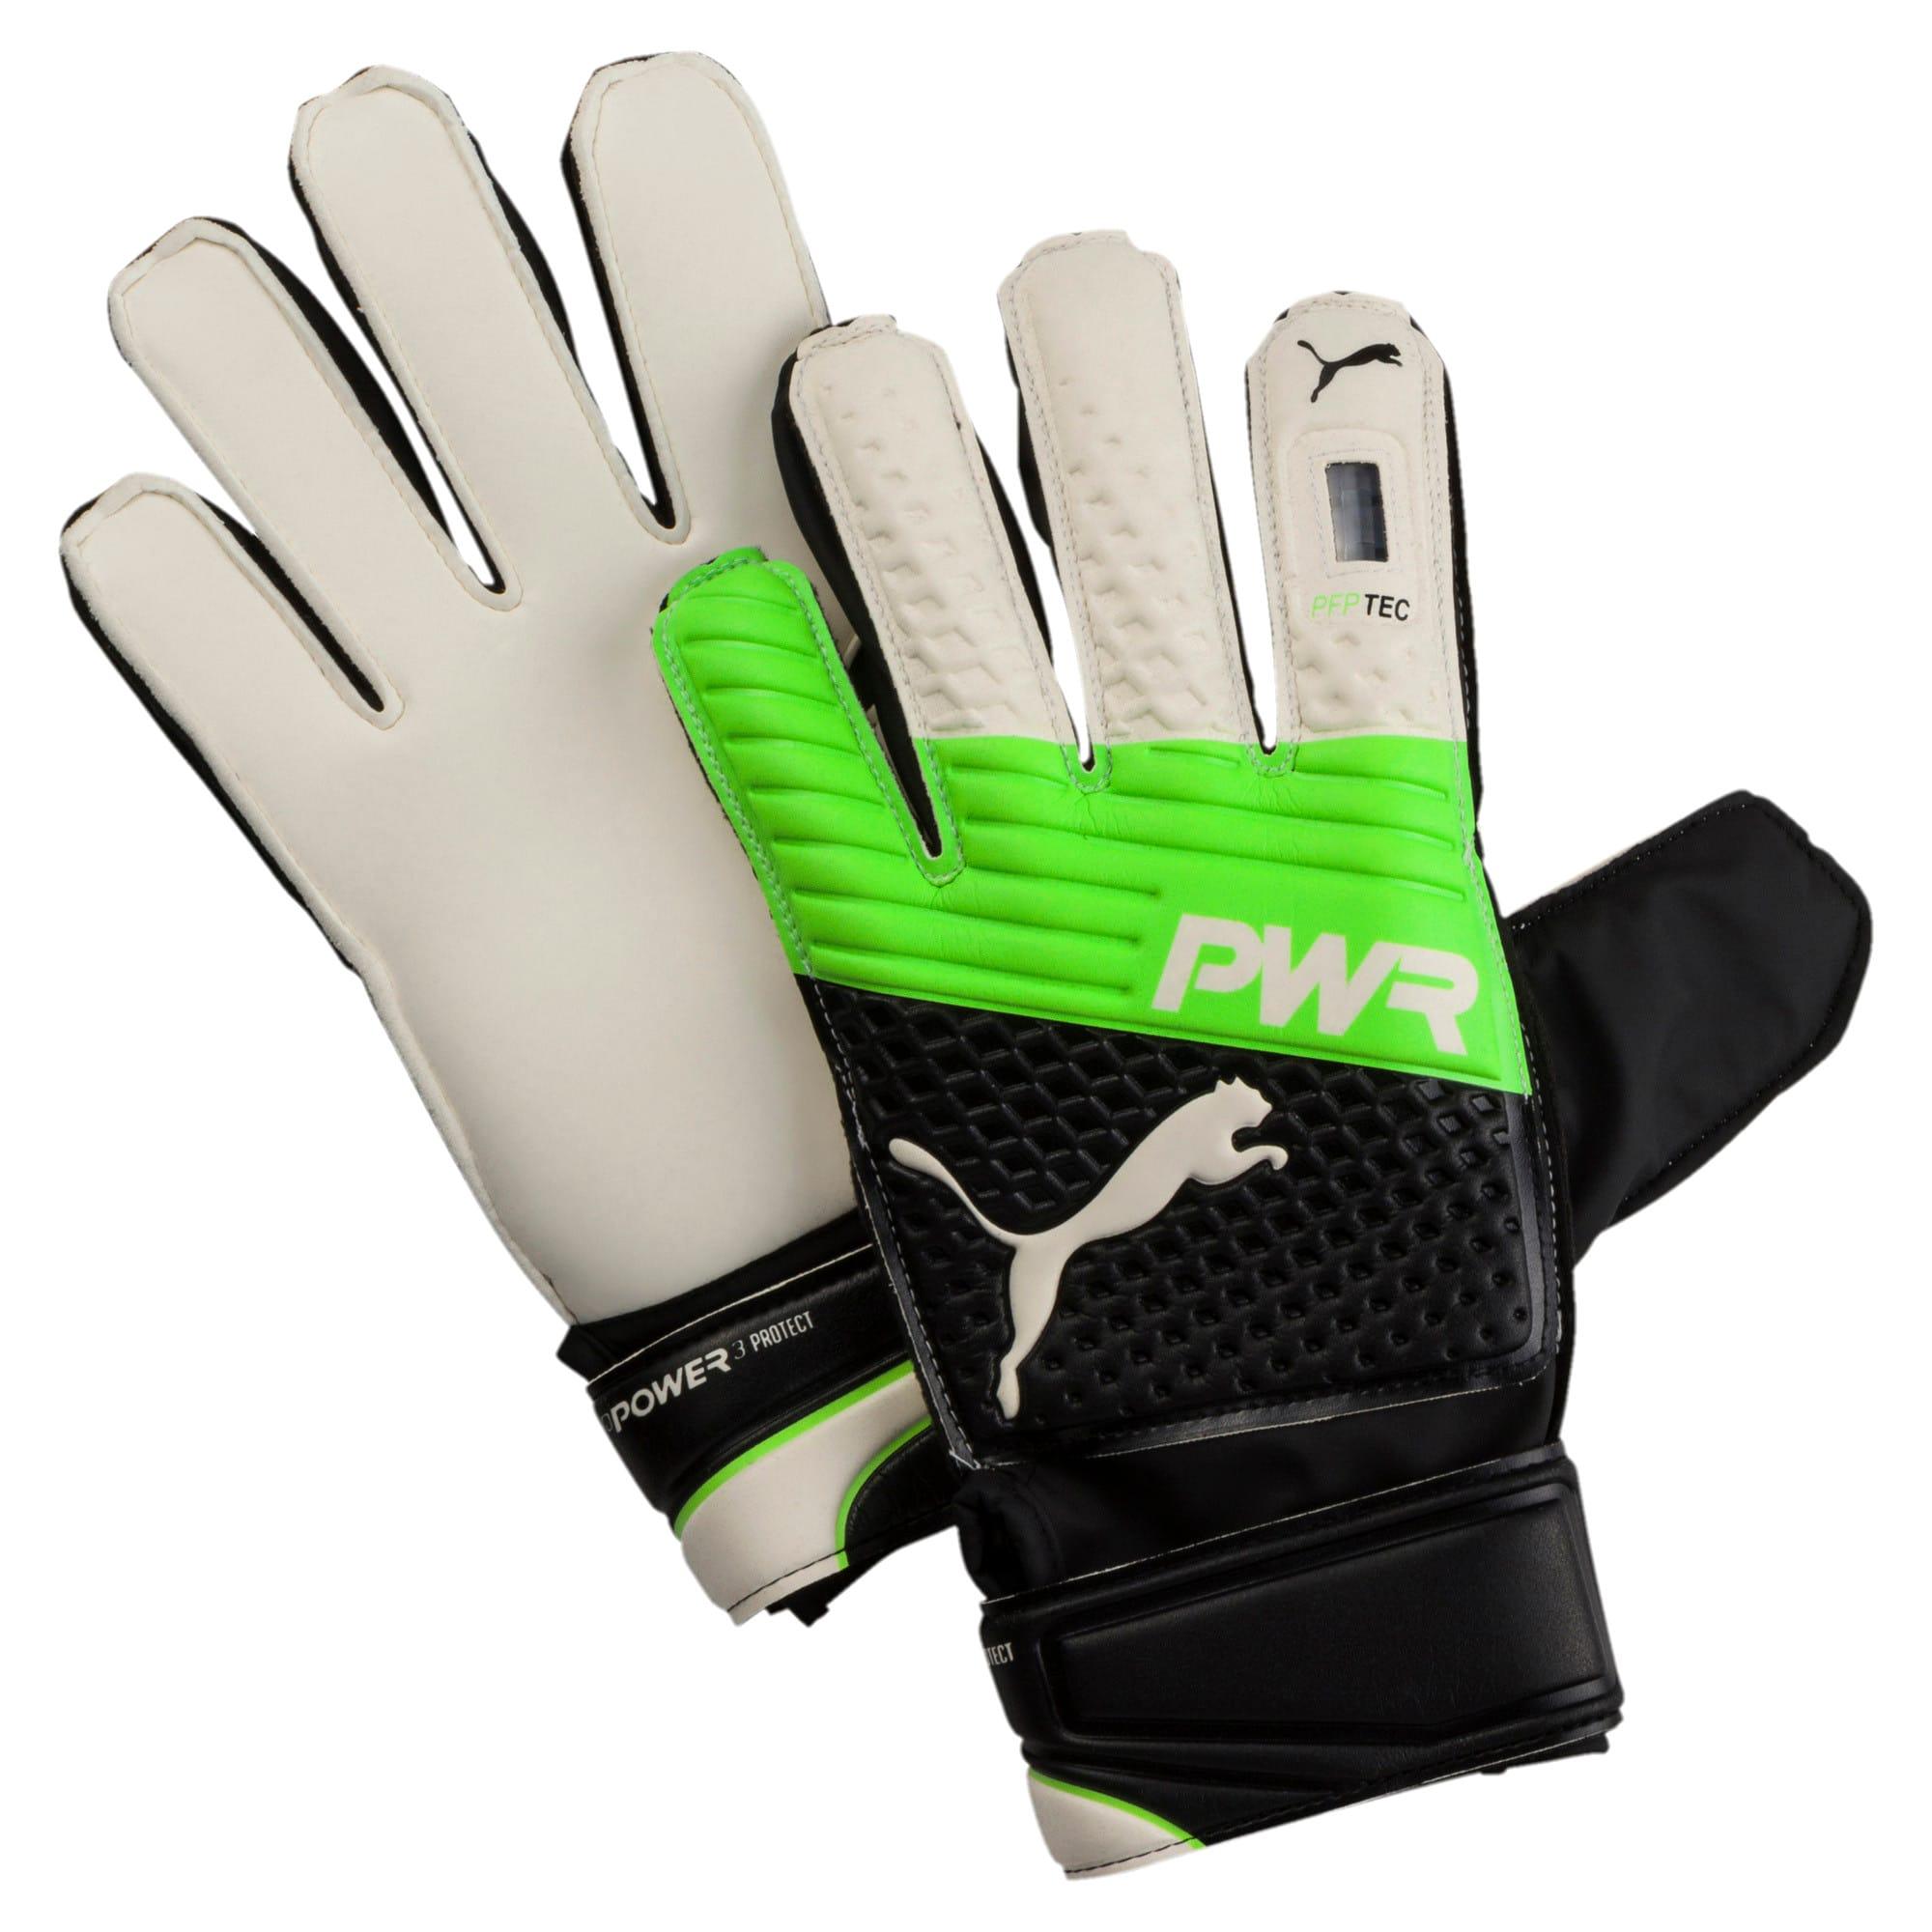 Thumbnail 1 of evoPOWER Protect 3.3 Football Goalie's Gloves, Green Gecko-Black-White, medium-IND